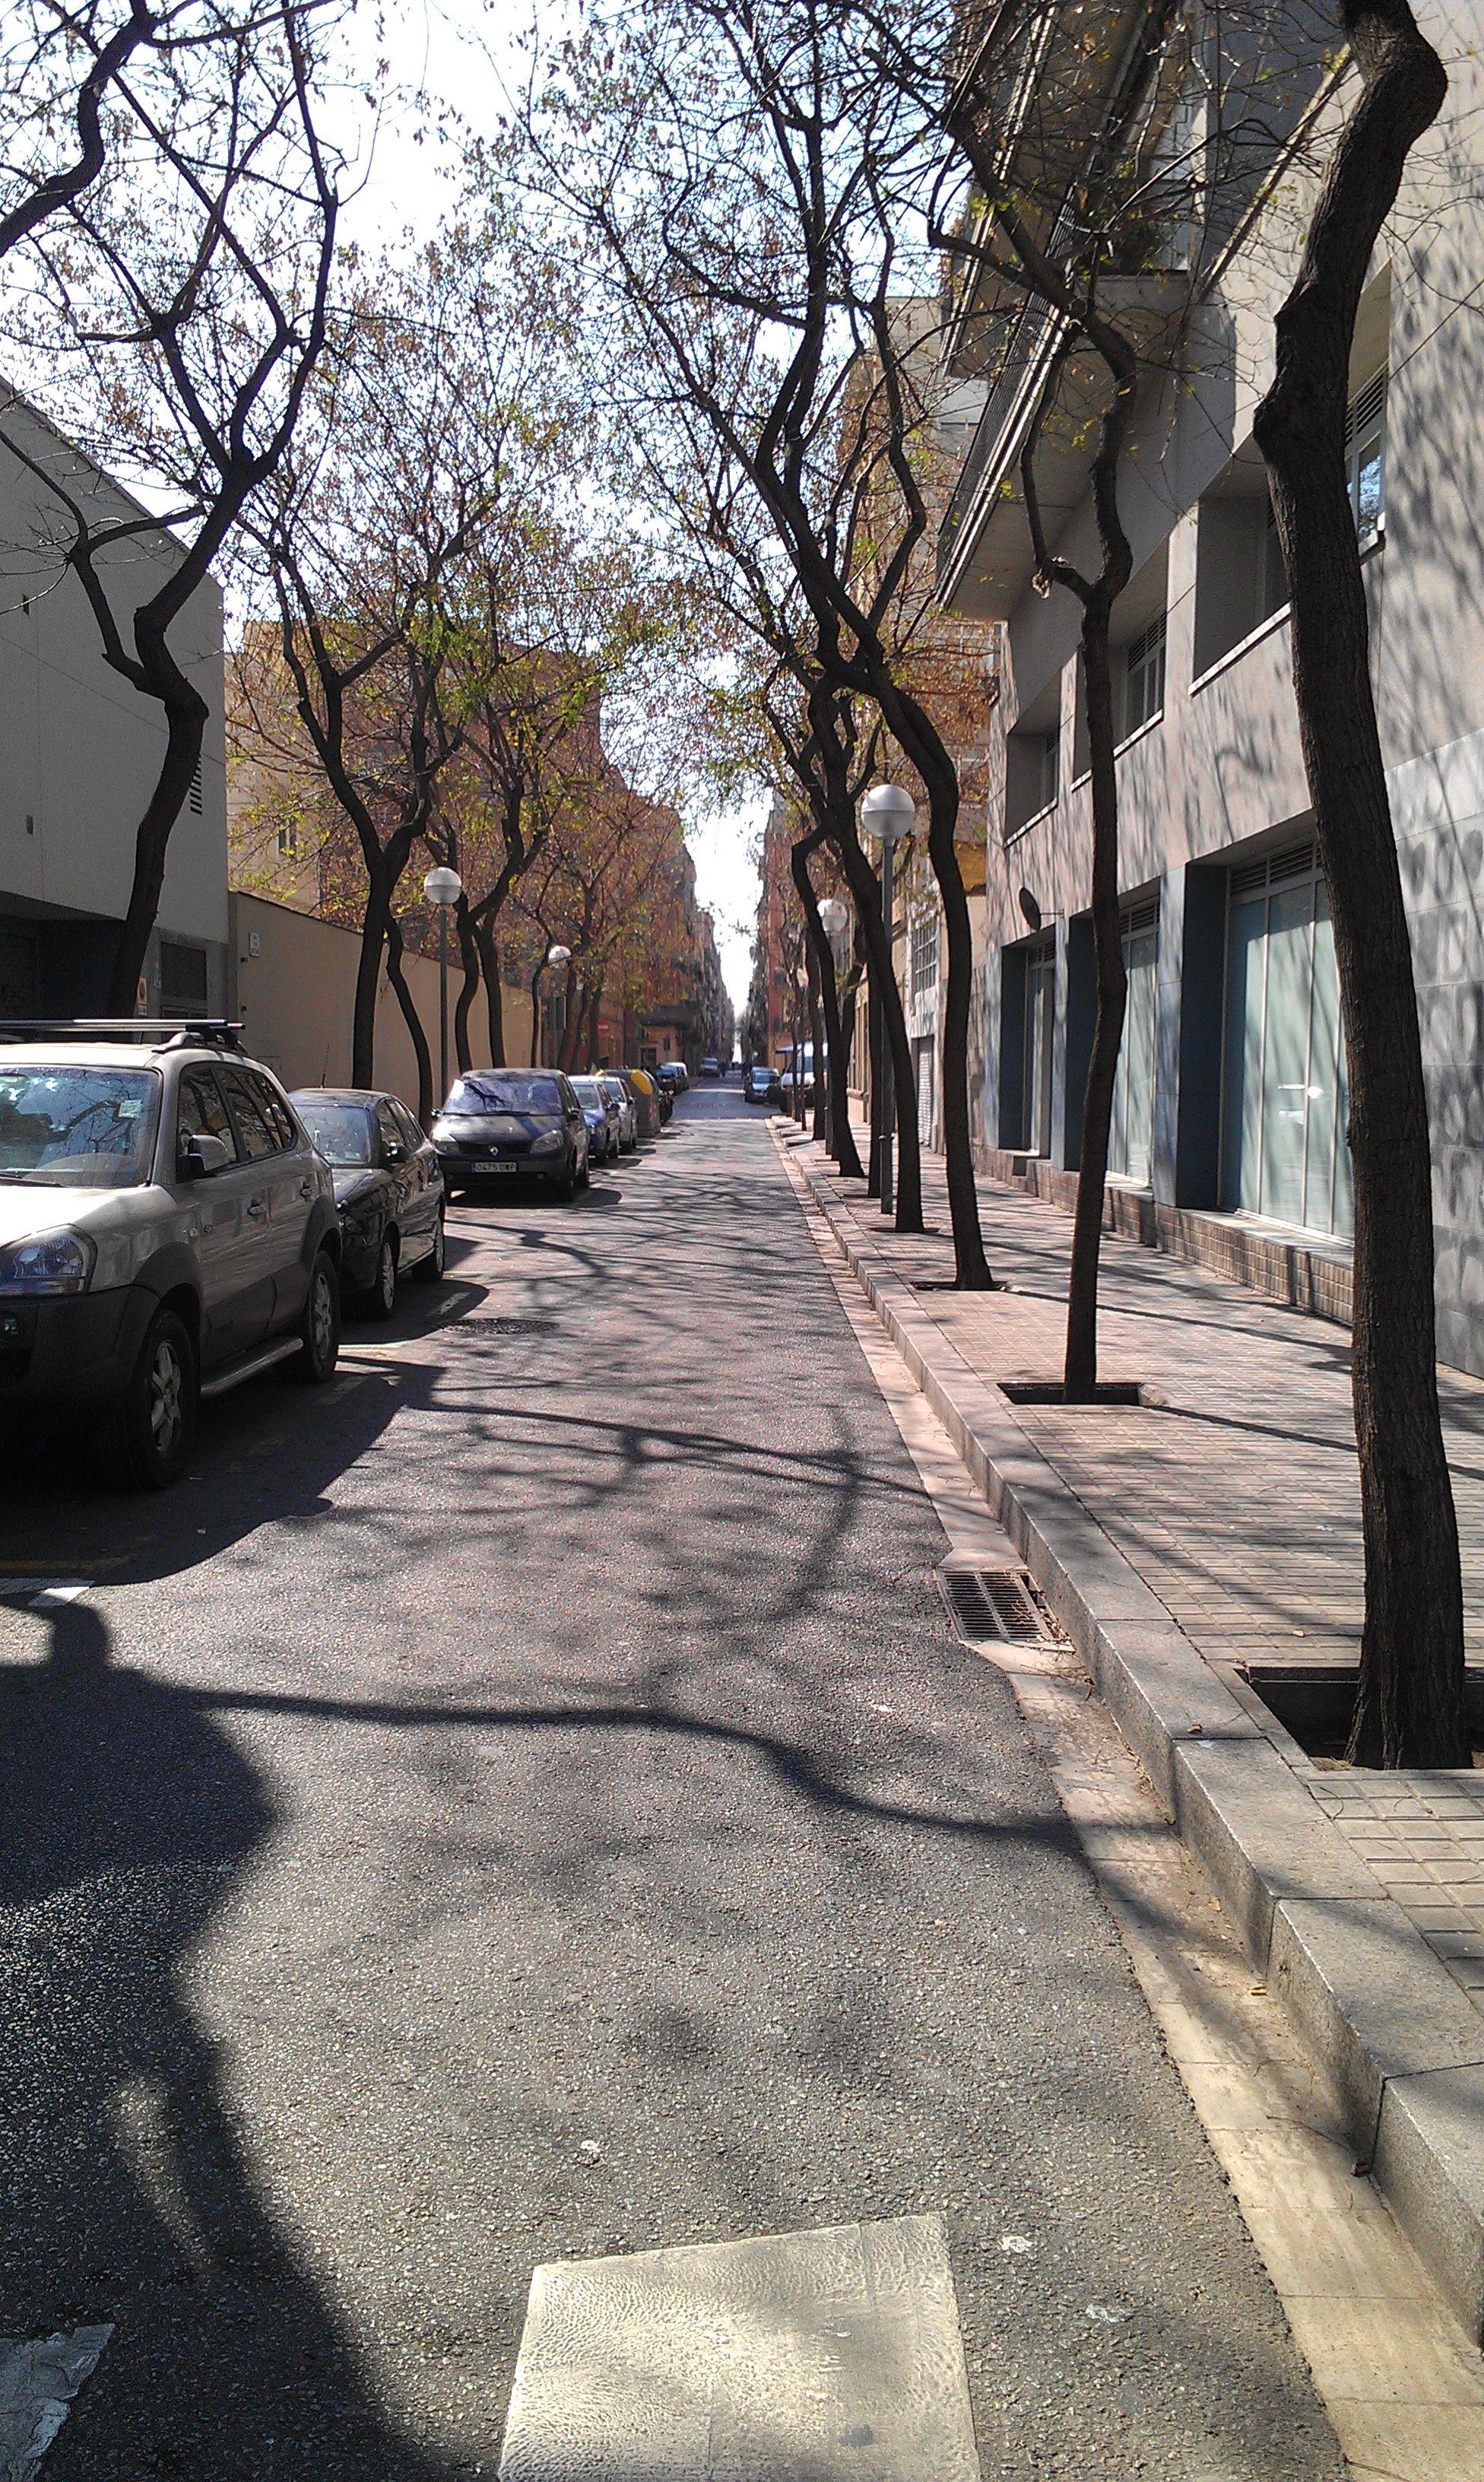 Springtime in Barceloneta